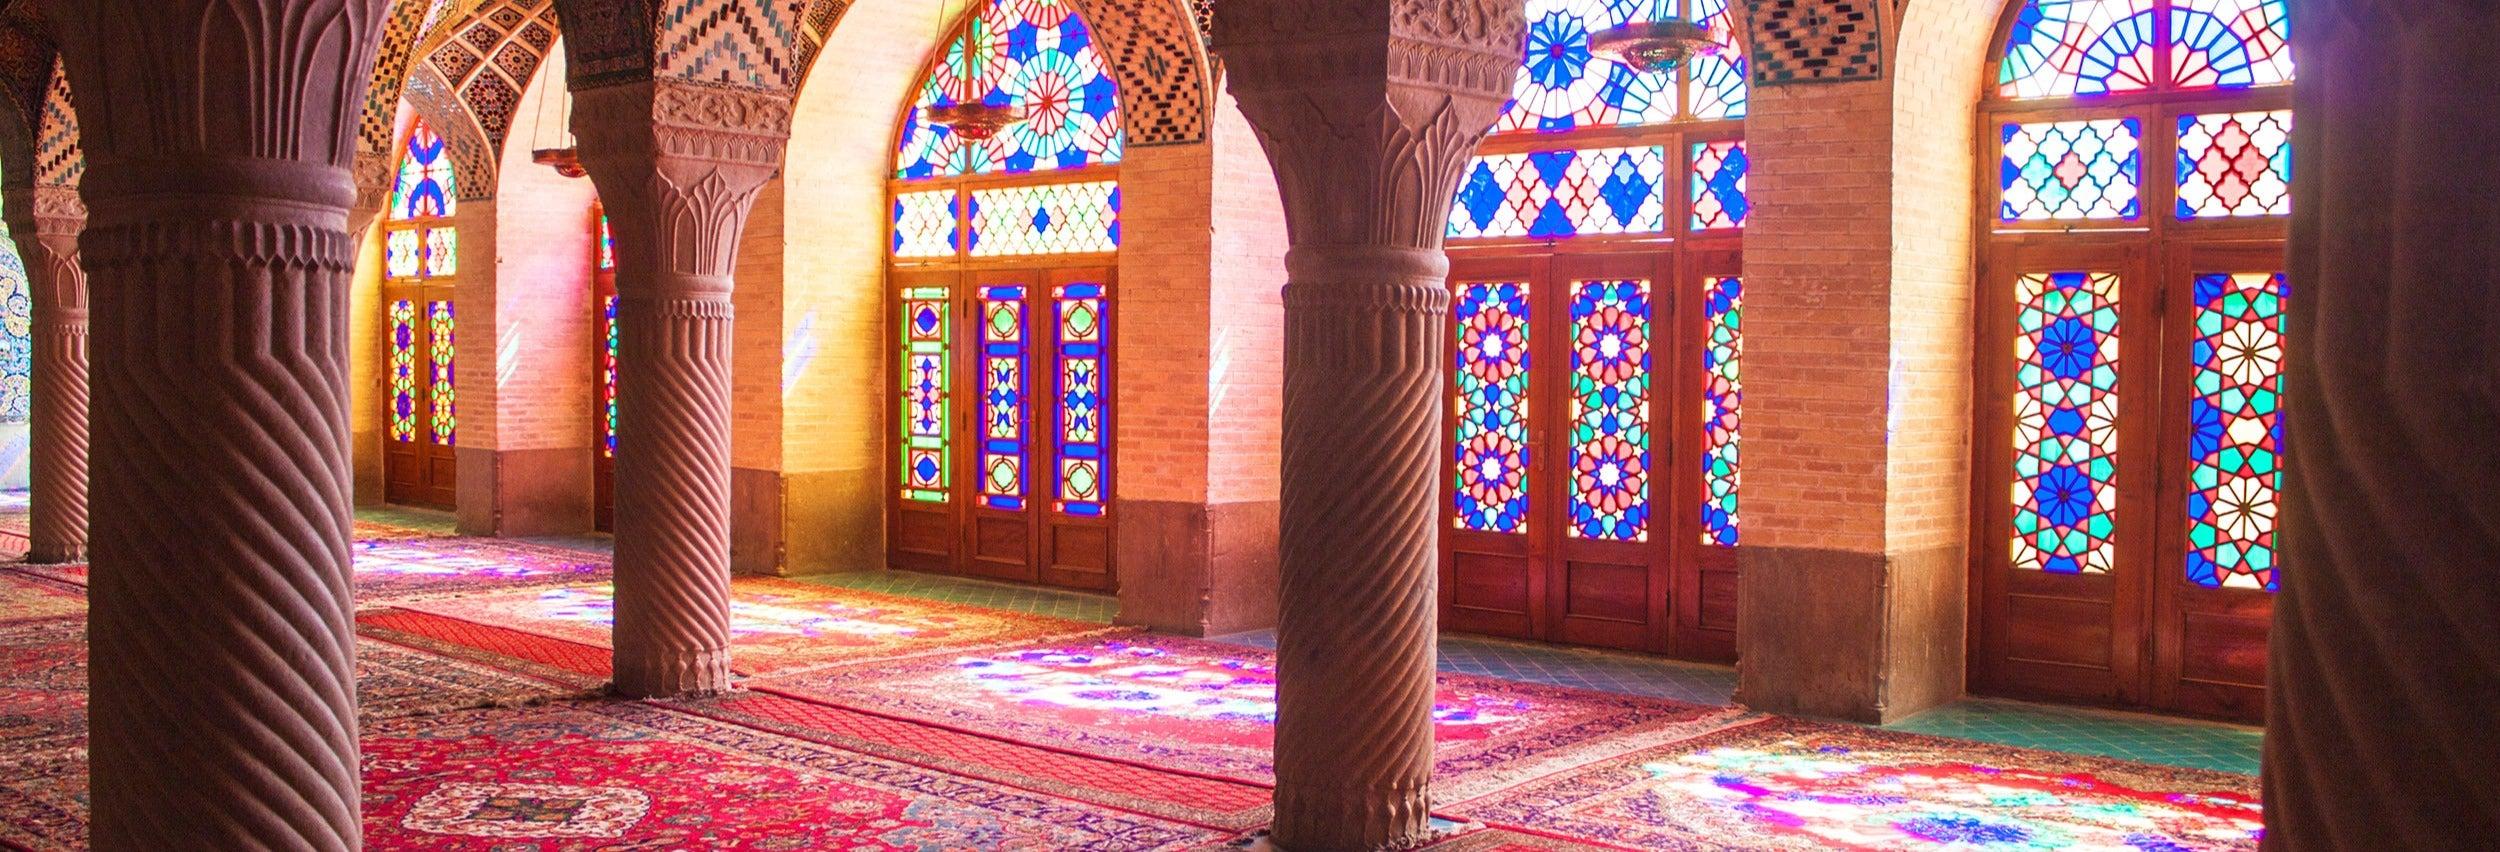 Tour privado por Shiraz com guia em português